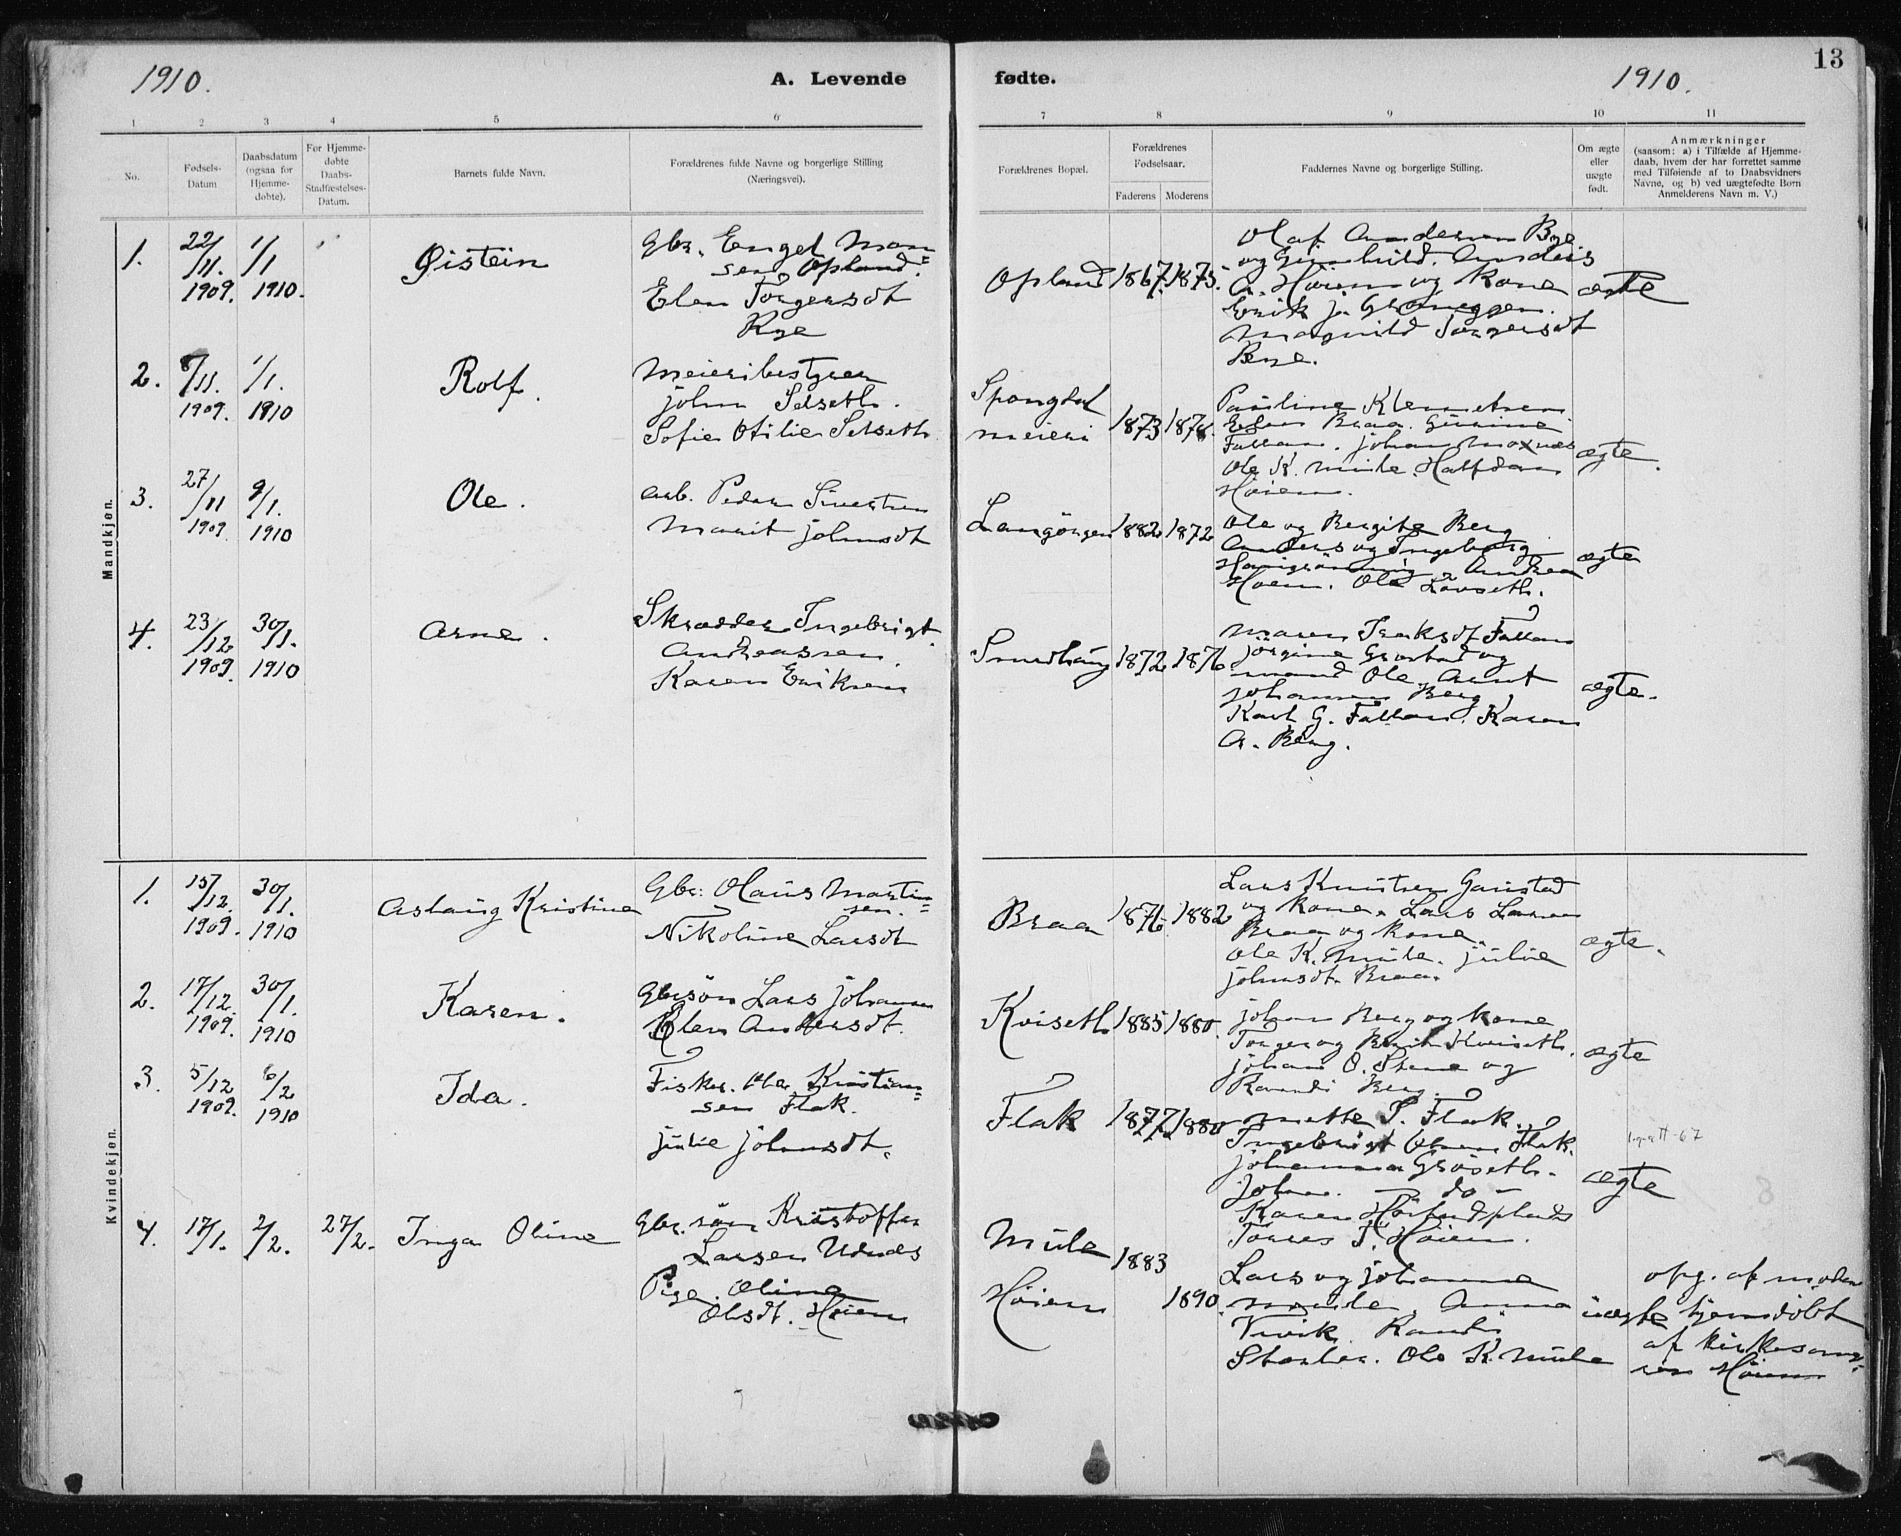 SAT, Ministerialprotokoller, klokkerbøker og fødselsregistre - Sør-Trøndelag, 612/L0381: Ministerialbok nr. 612A13, 1907-1923, s. 13